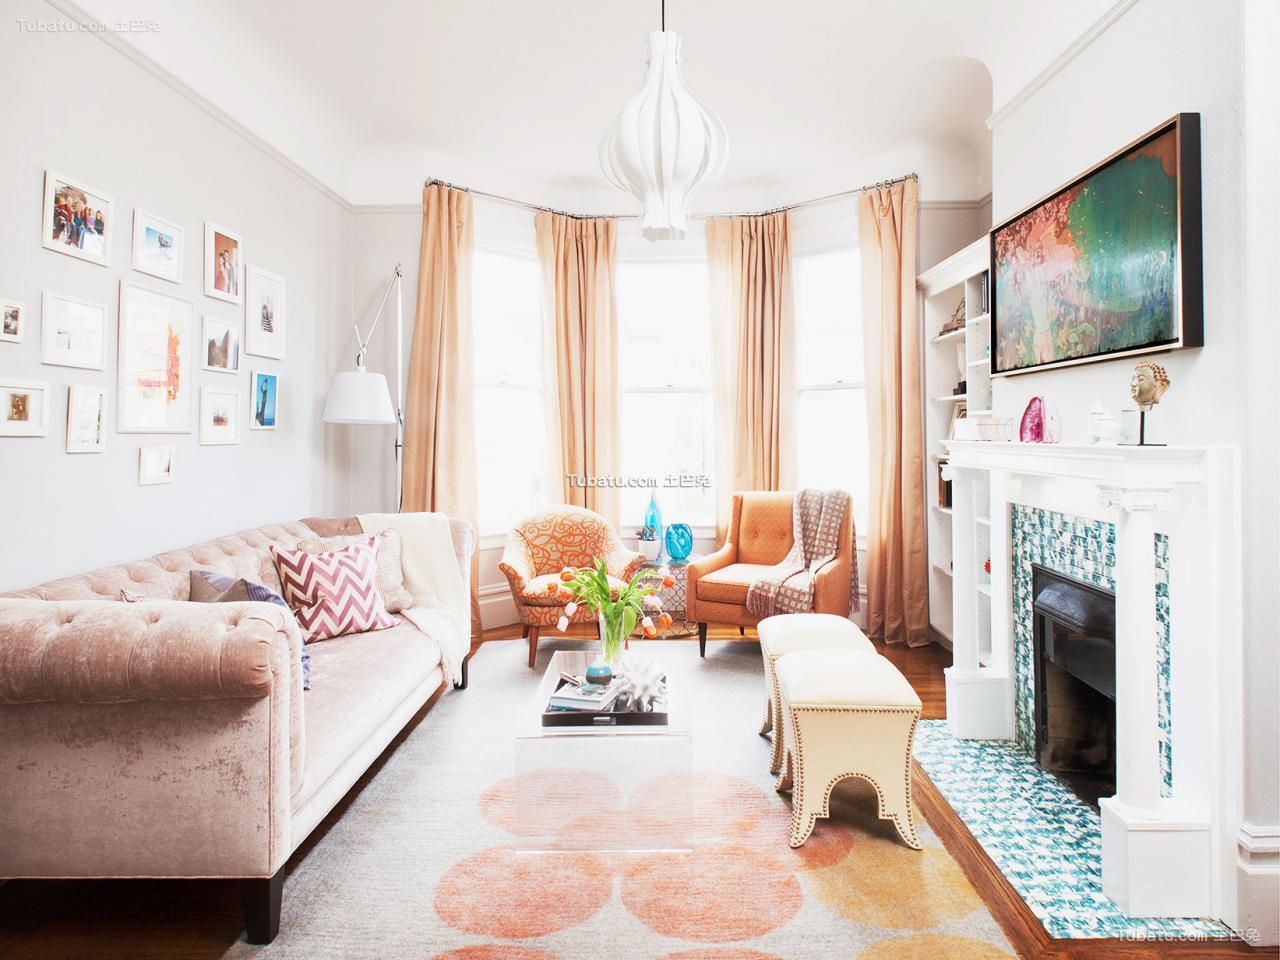 美式设计室内客厅图片欣赏大全